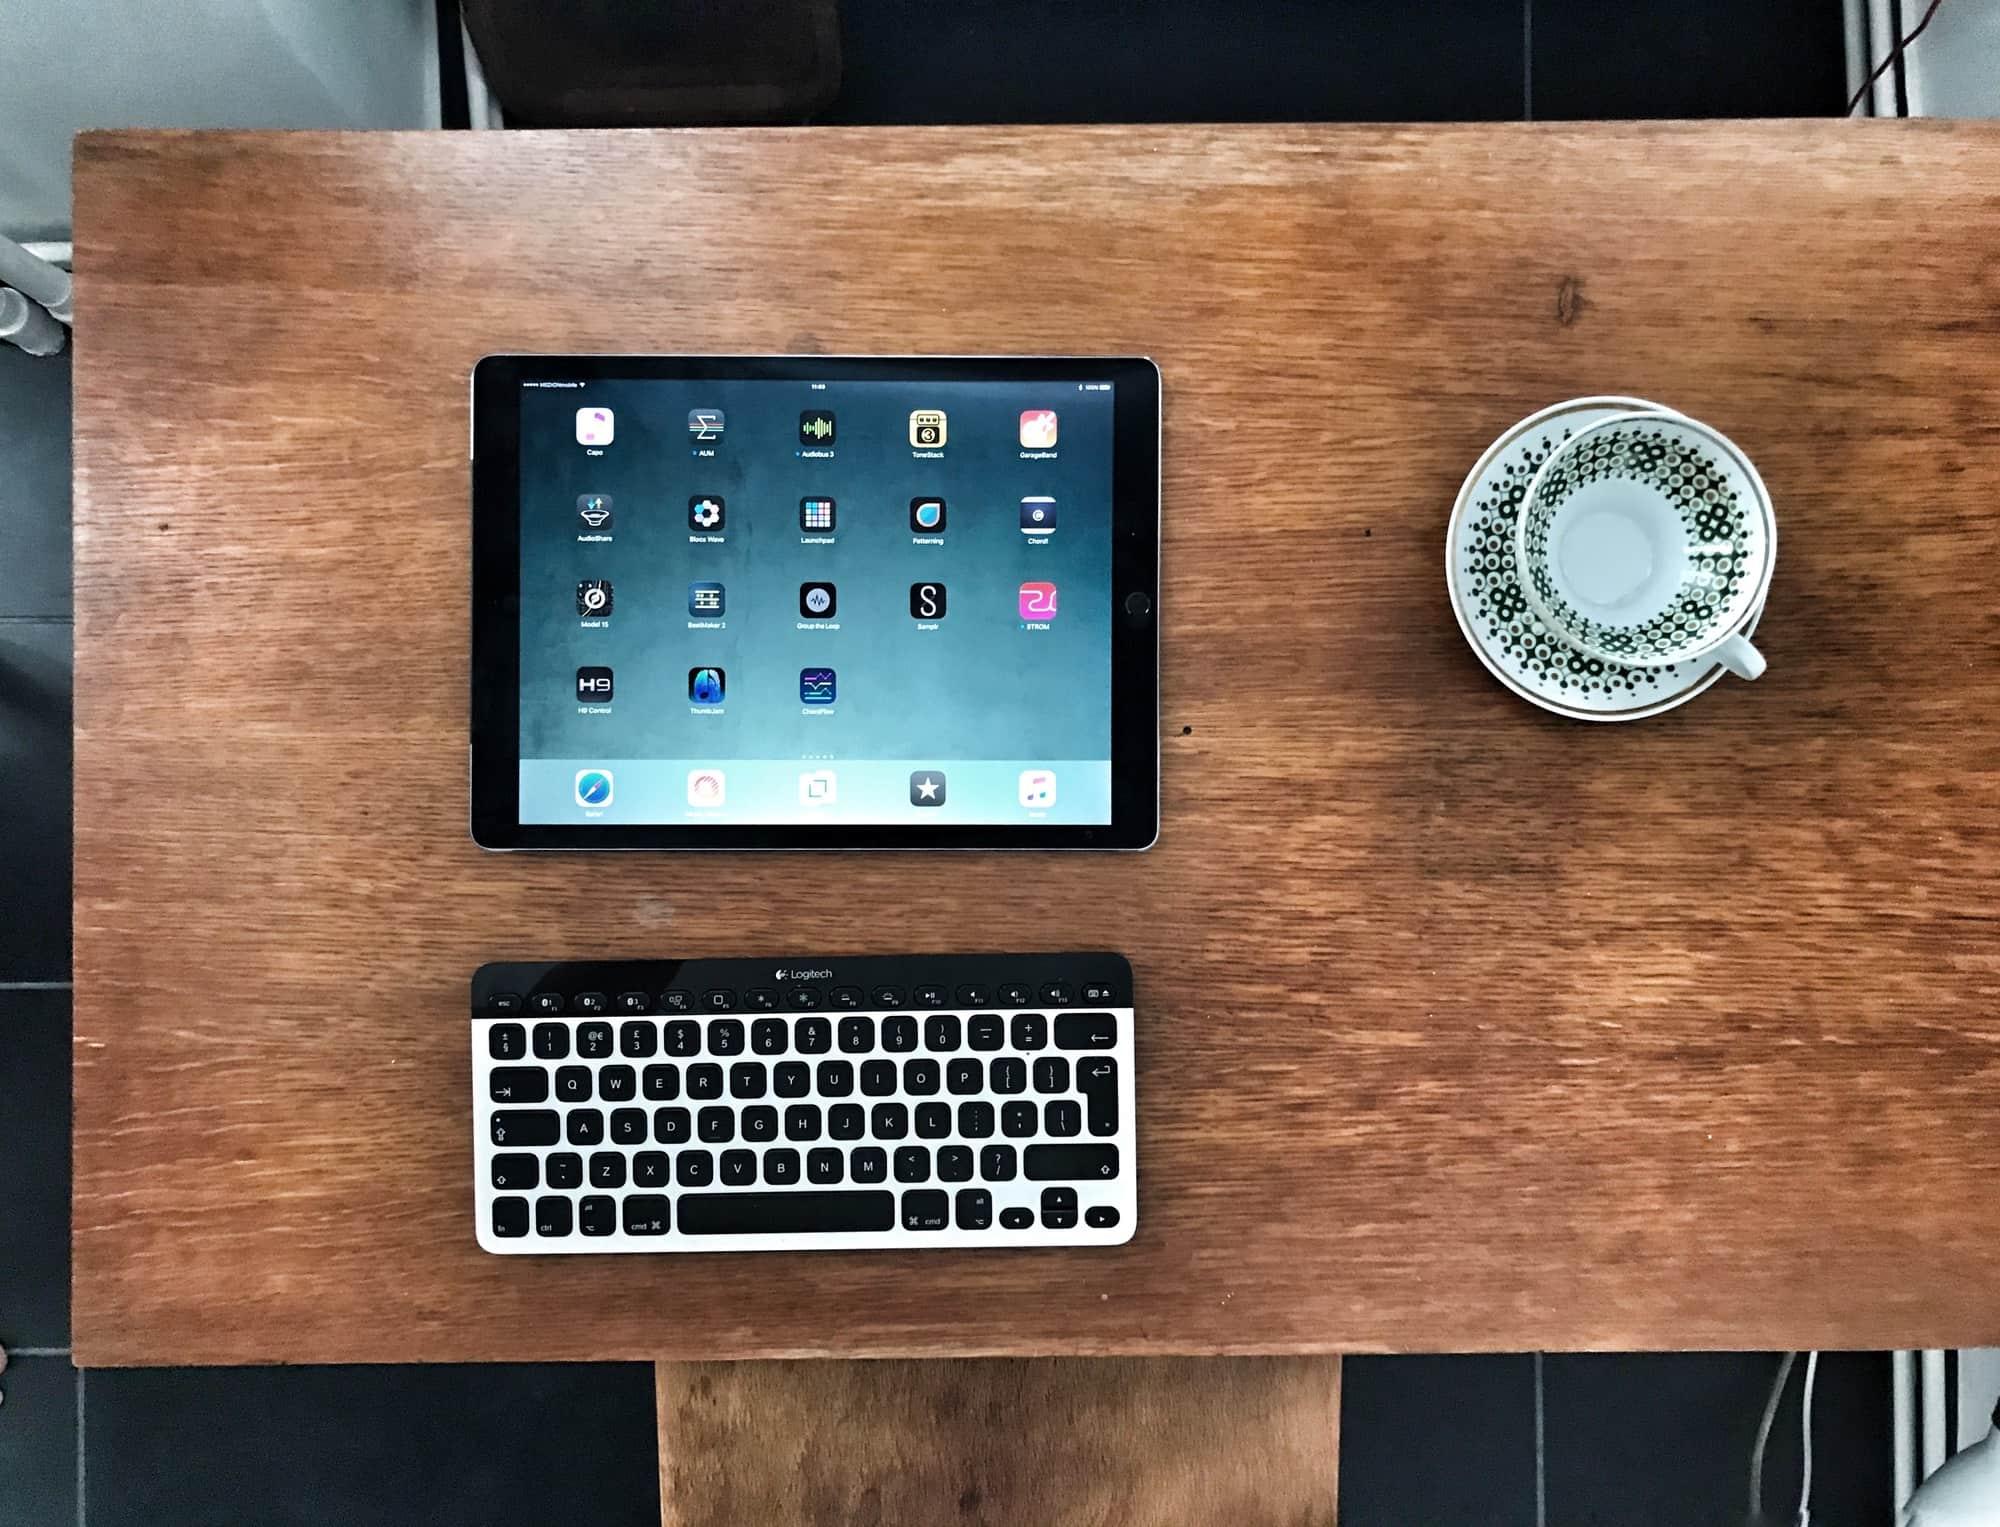 iPad keyboard shortcuts safari